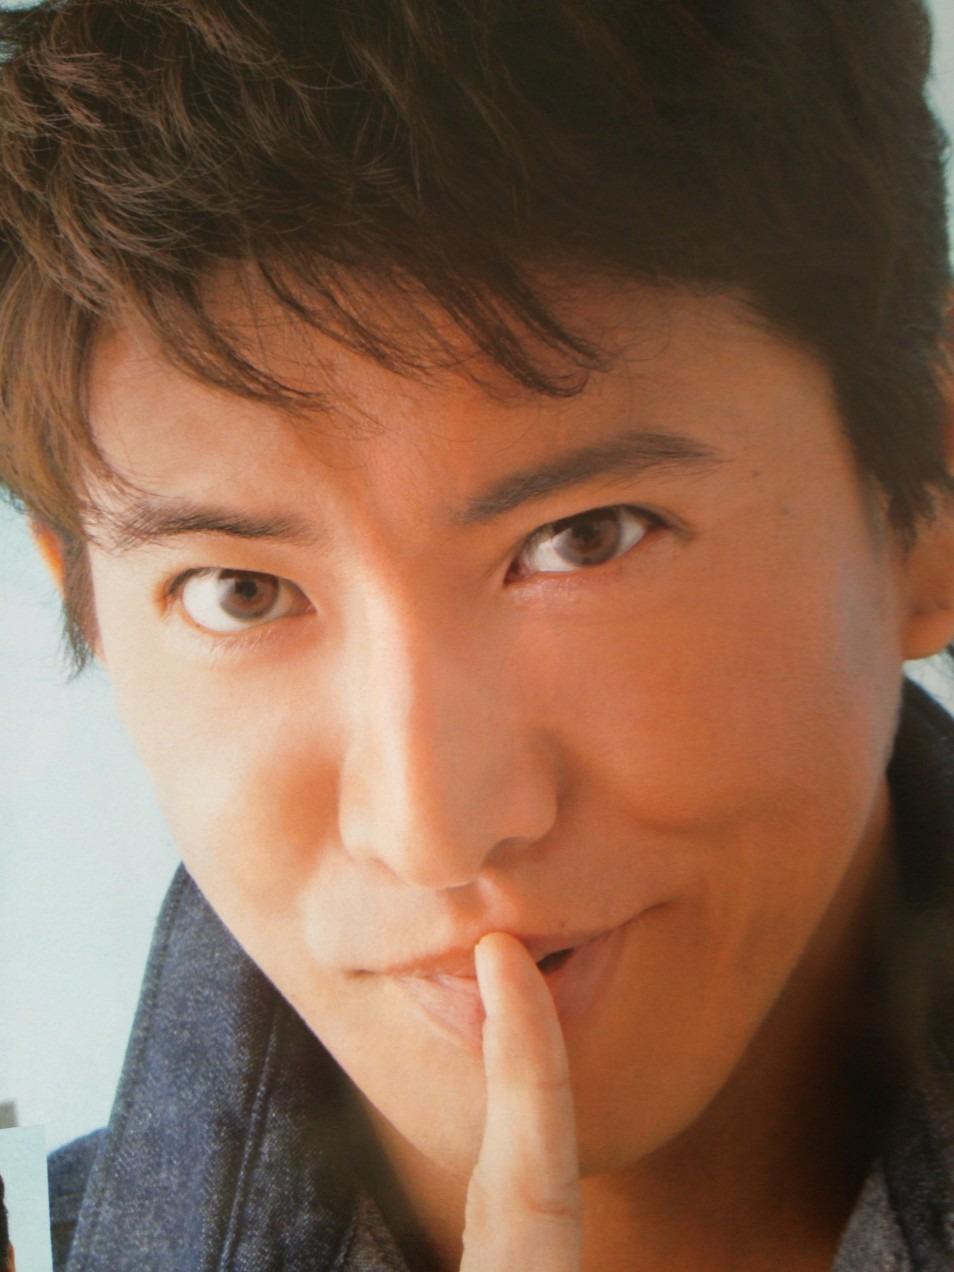 木村拓也 (アナウンサー)の画像 p1_38